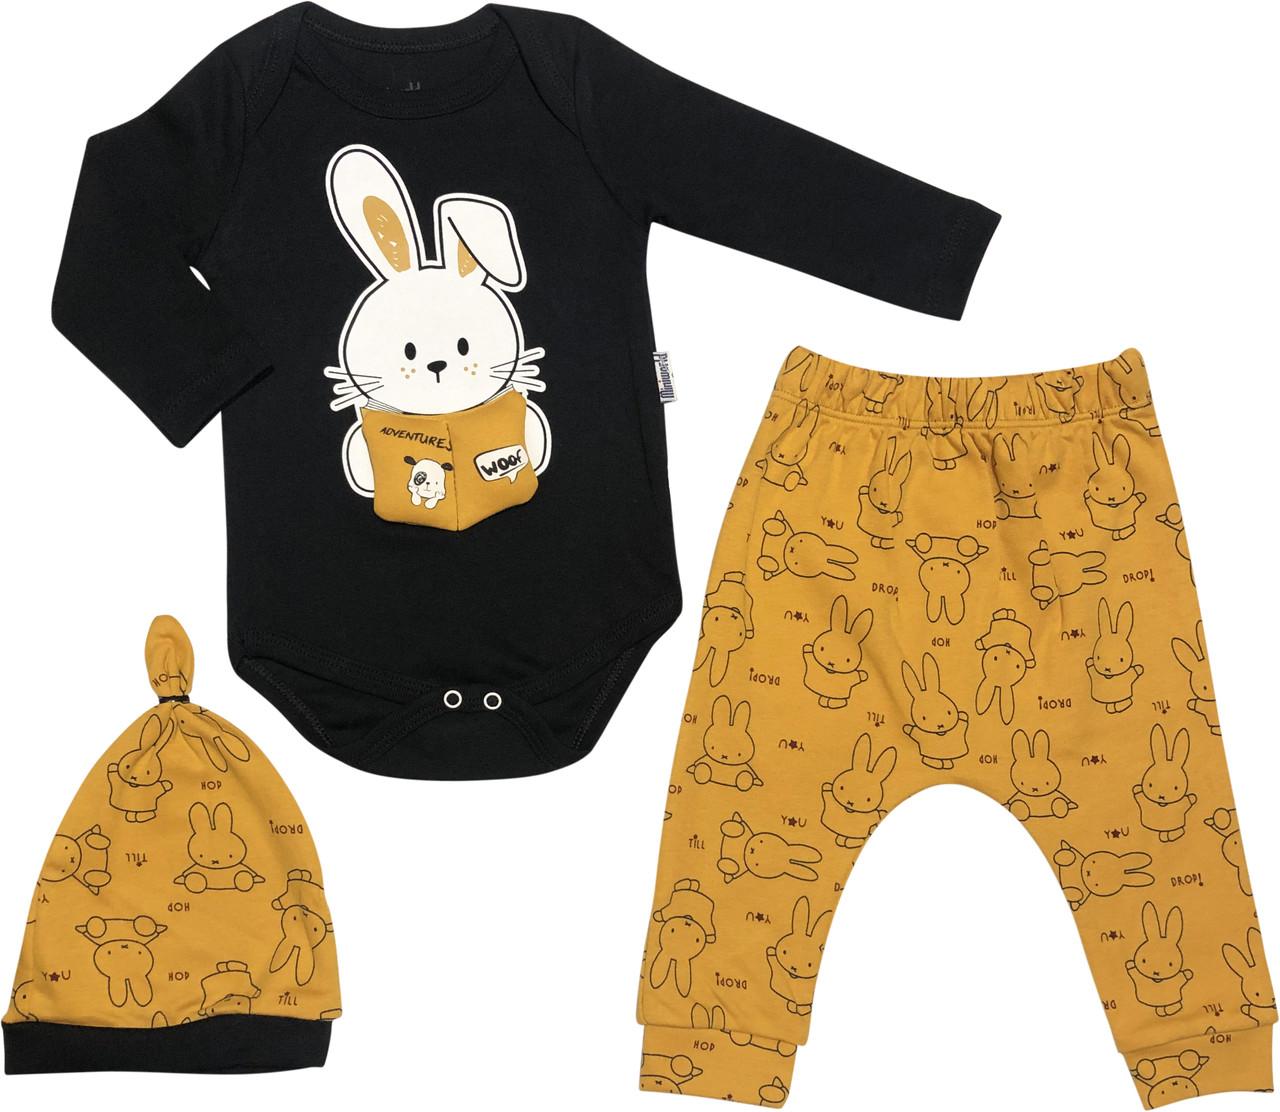 Дитячий костюм зростання 62 2-3 міс трикотажний помаранчевий костюмчик на хлопчика комплект для новонароджених малюків ТН190